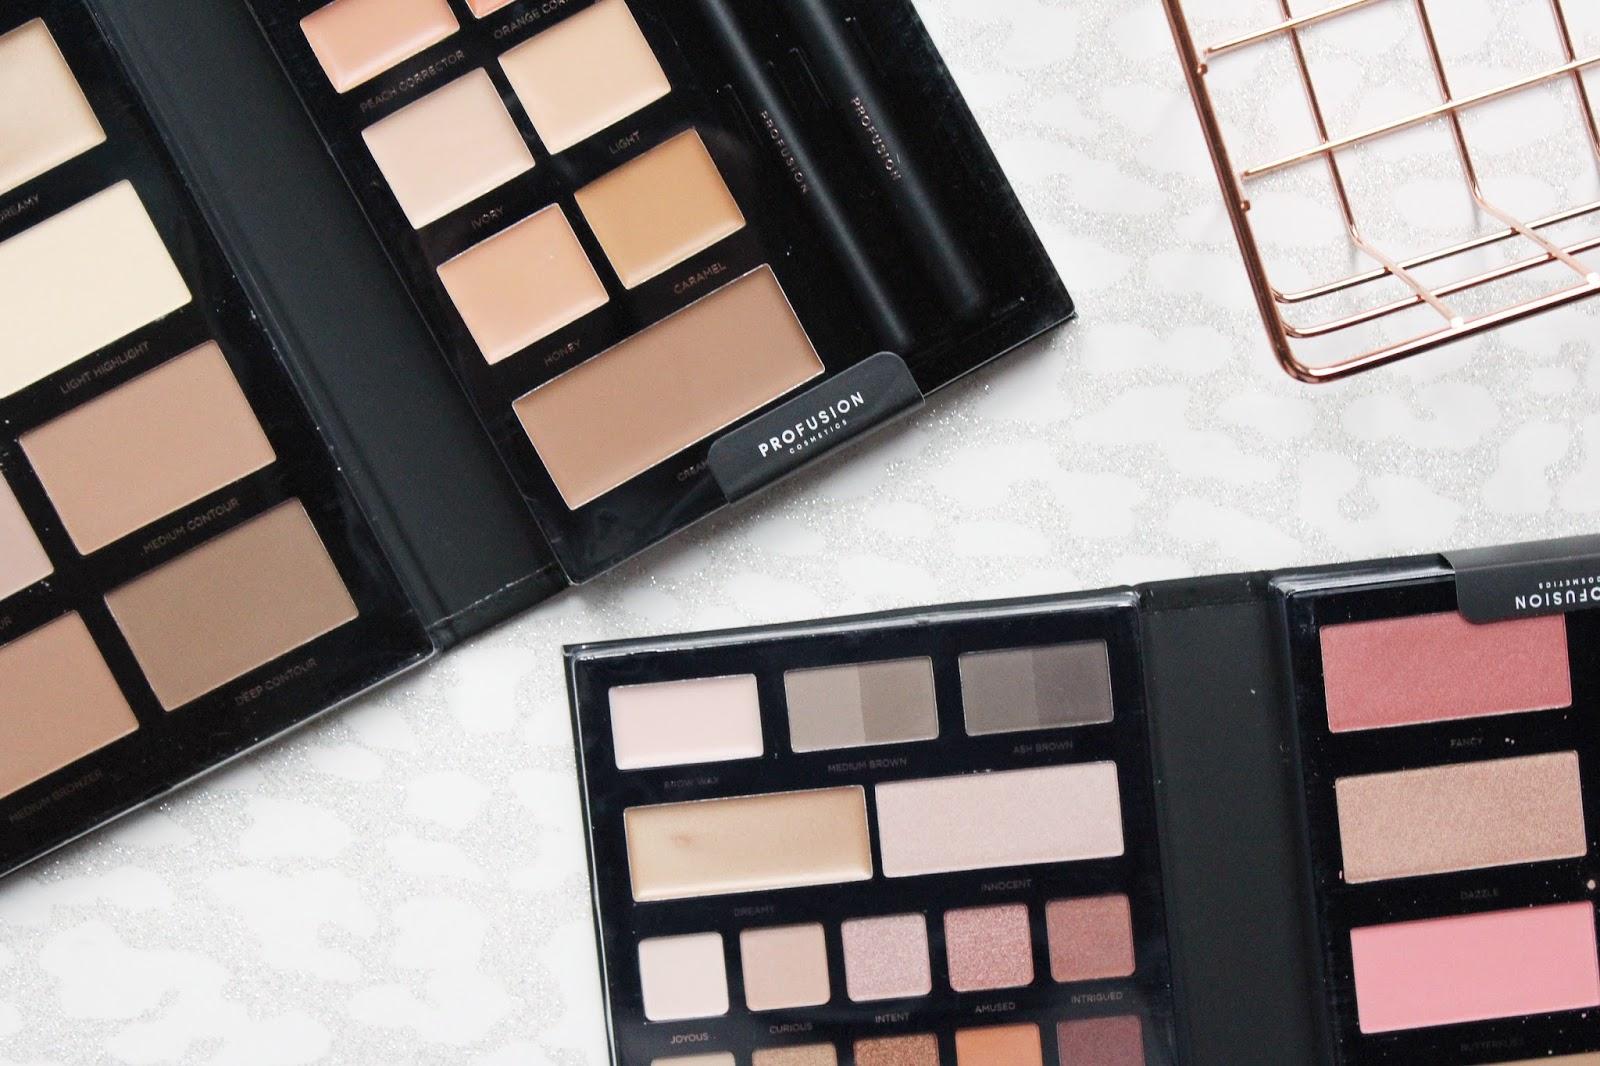 Profusion Makeup Palettes